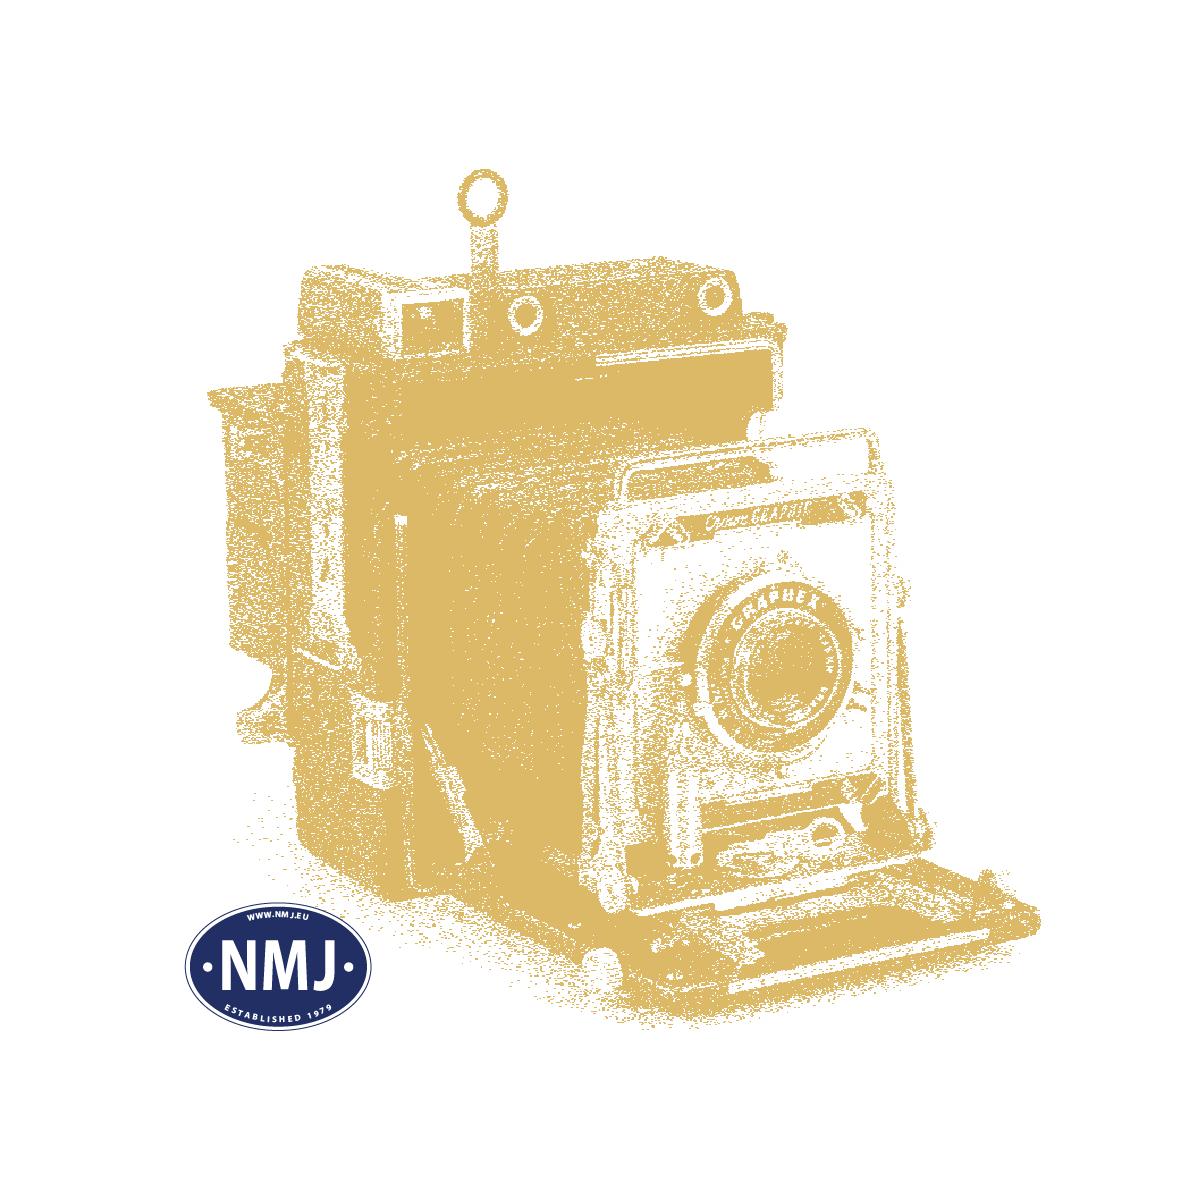 MIN717-23S - Gresstuster, Kort utgave, Tidlig Høst, H0